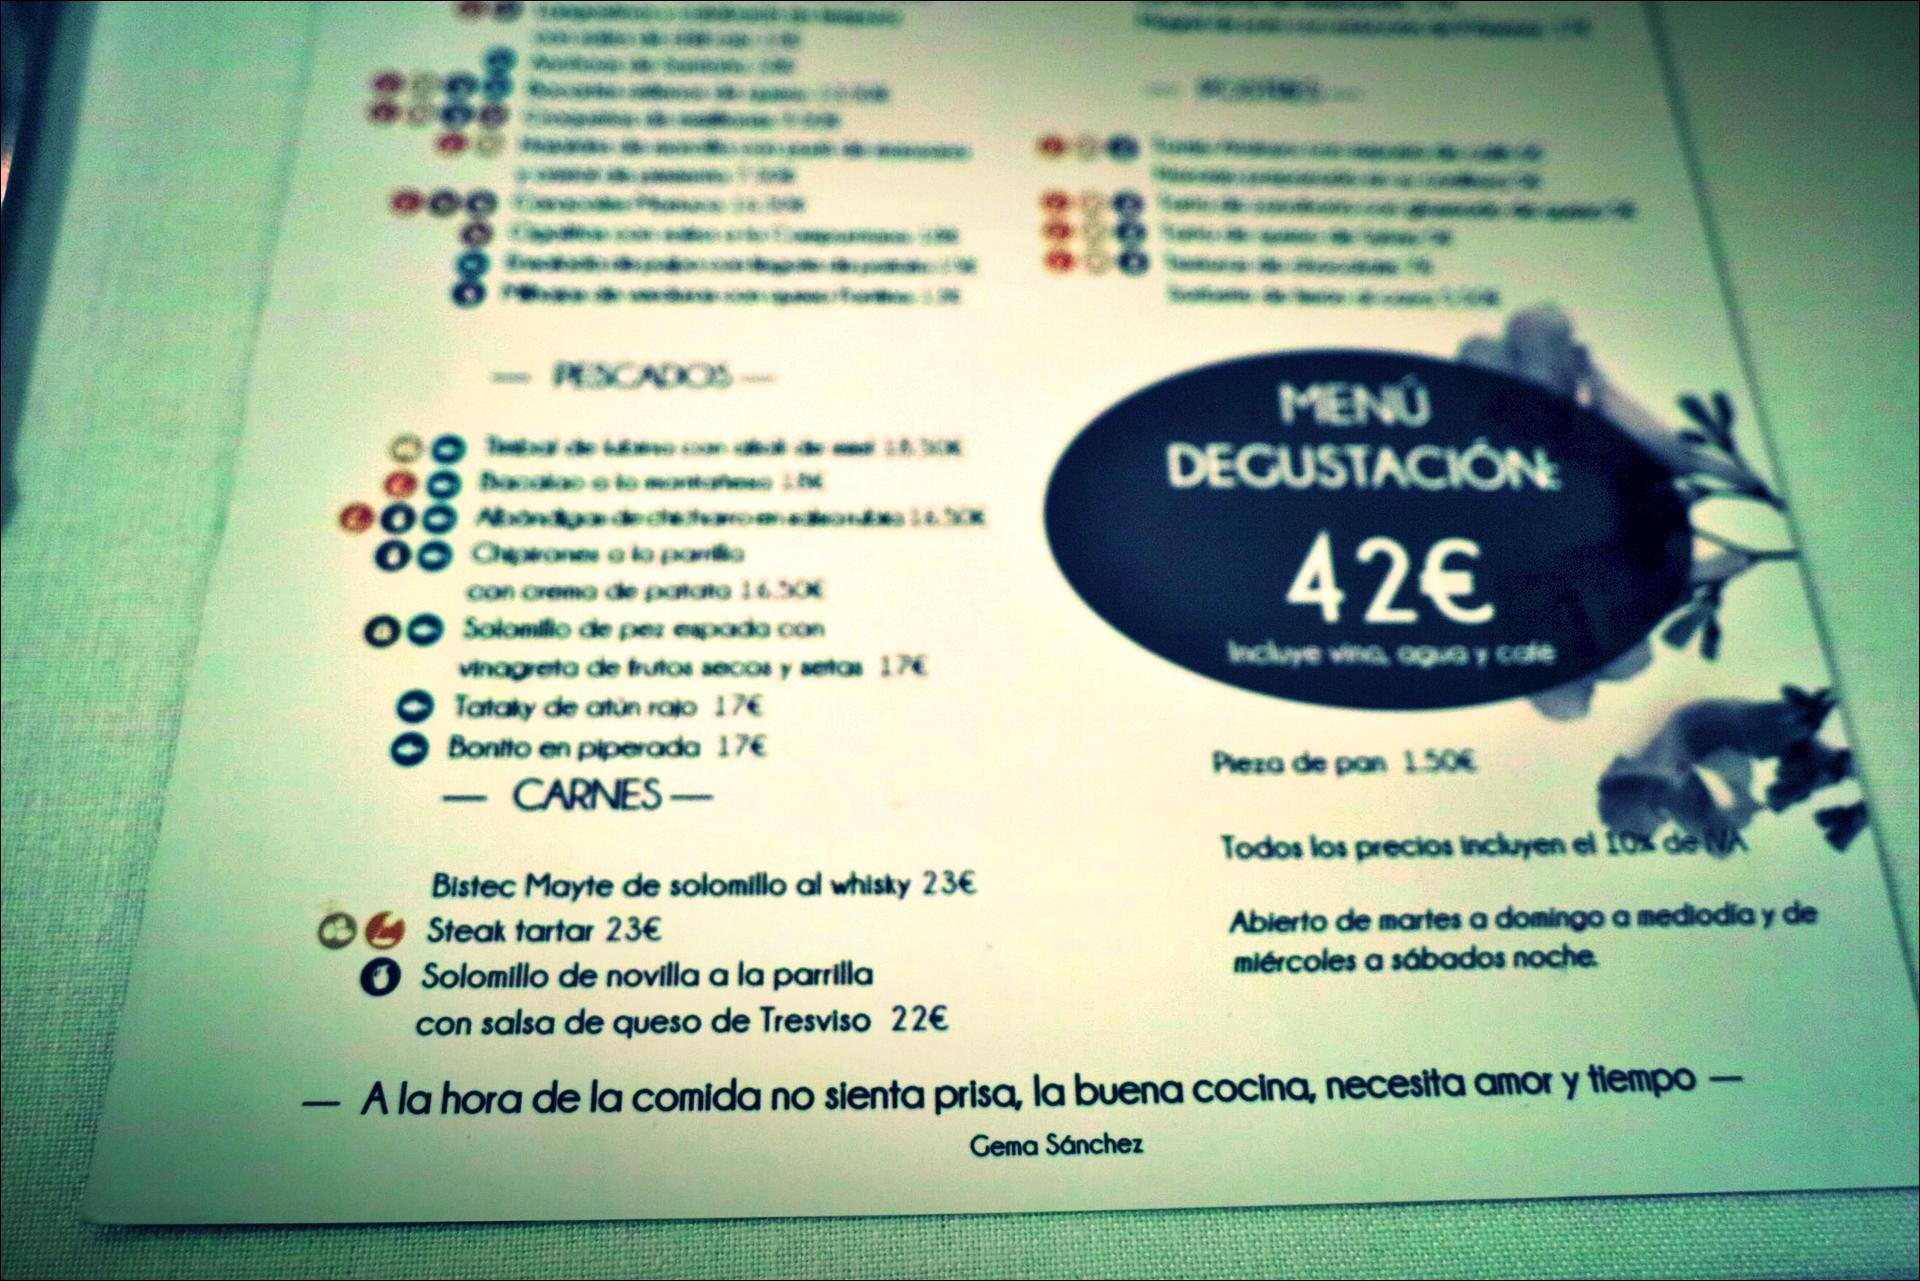 메뉴-'자카란다 레스토랑, 산탄데르(Restaurante Jacaranda, Santander)'